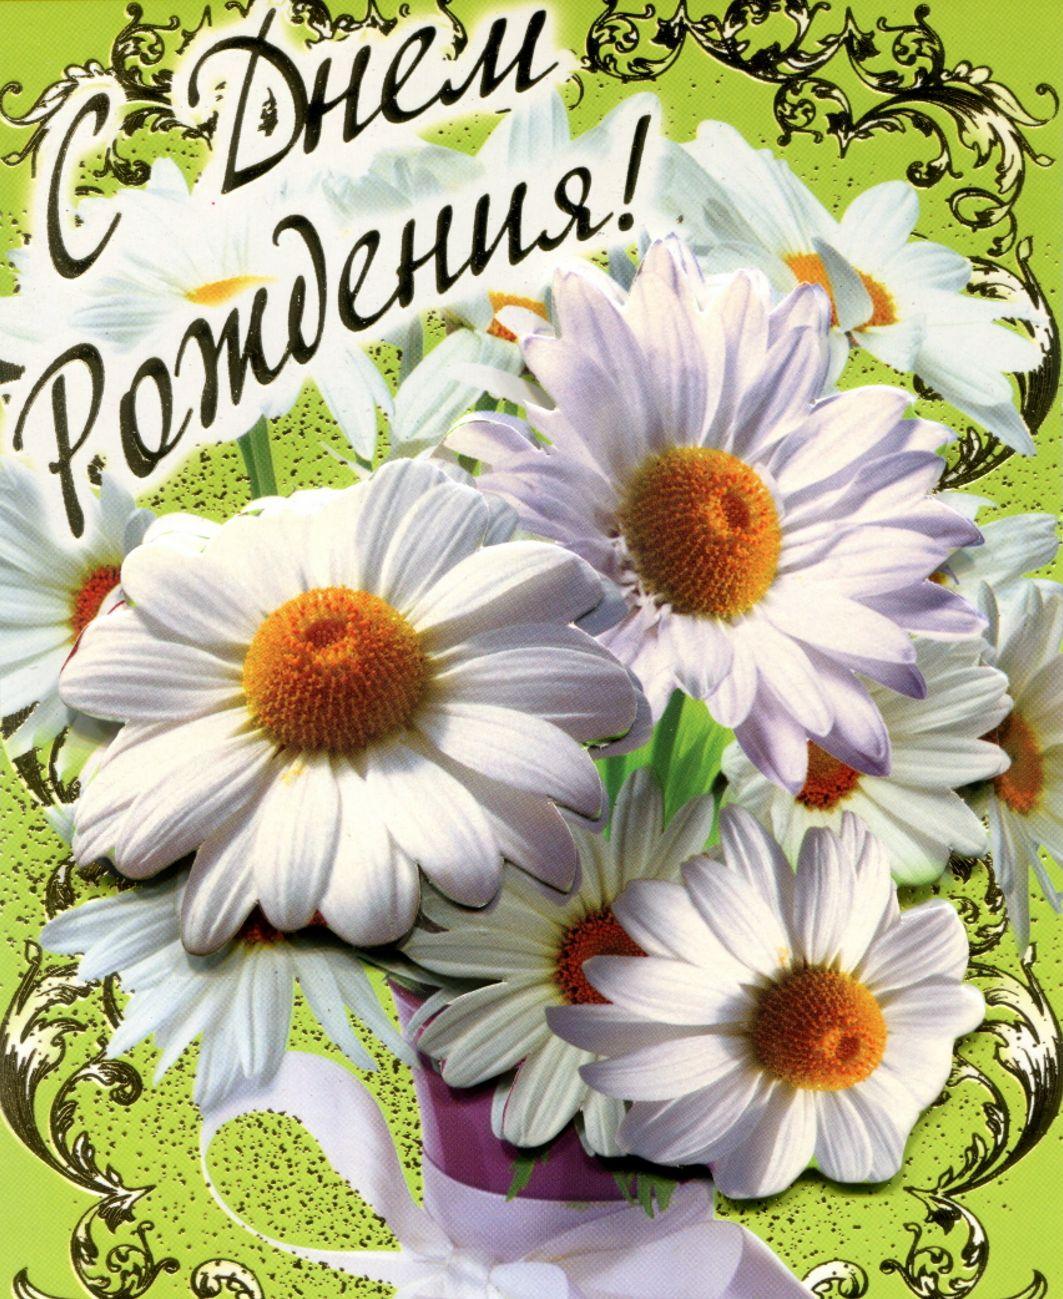 Очень красивые открытки на день рождения картинки, чудесного